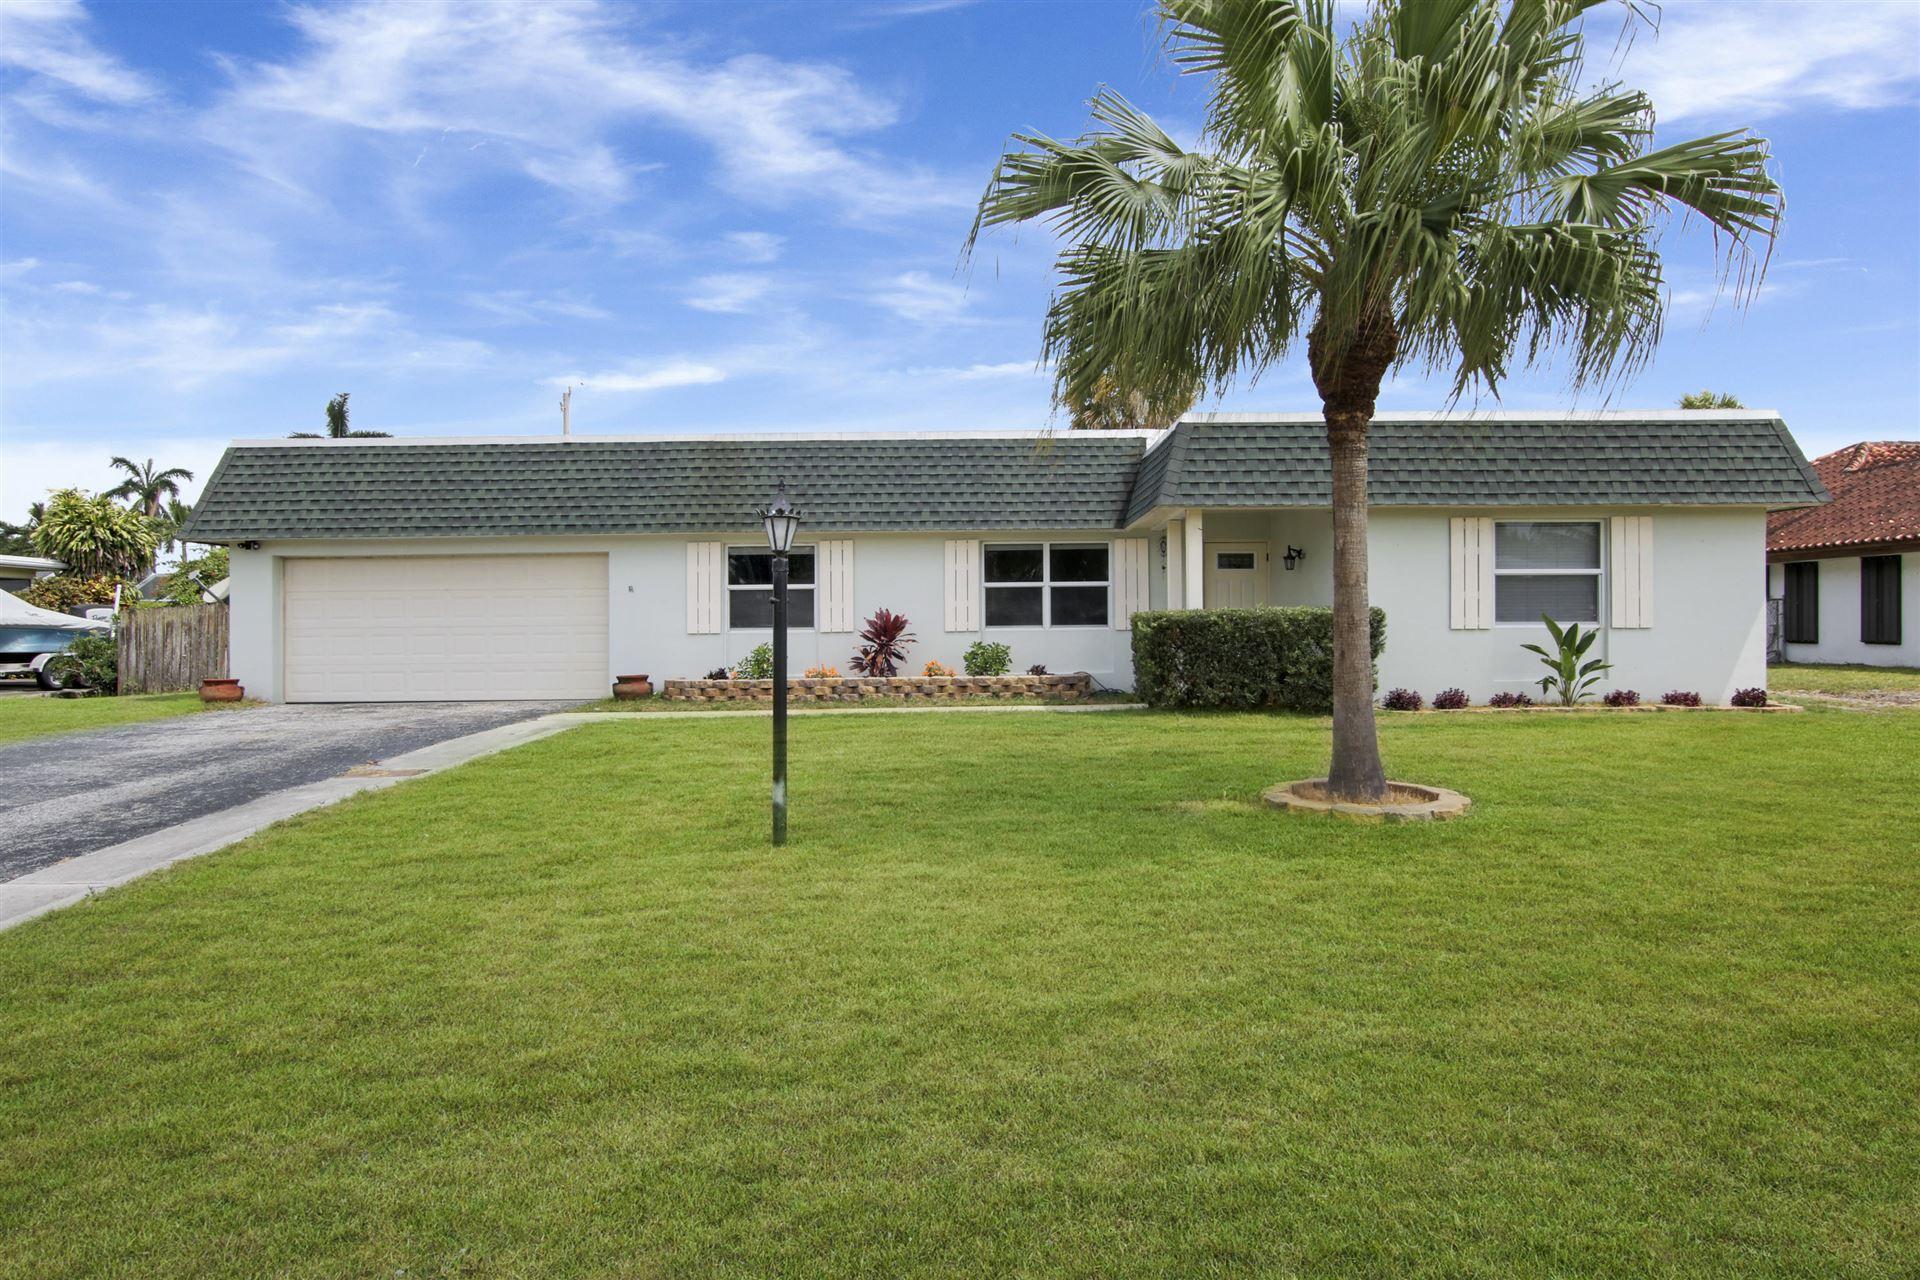 110 W Coconut Drive, Lake Worth, FL 33467 - #: RX-10713577